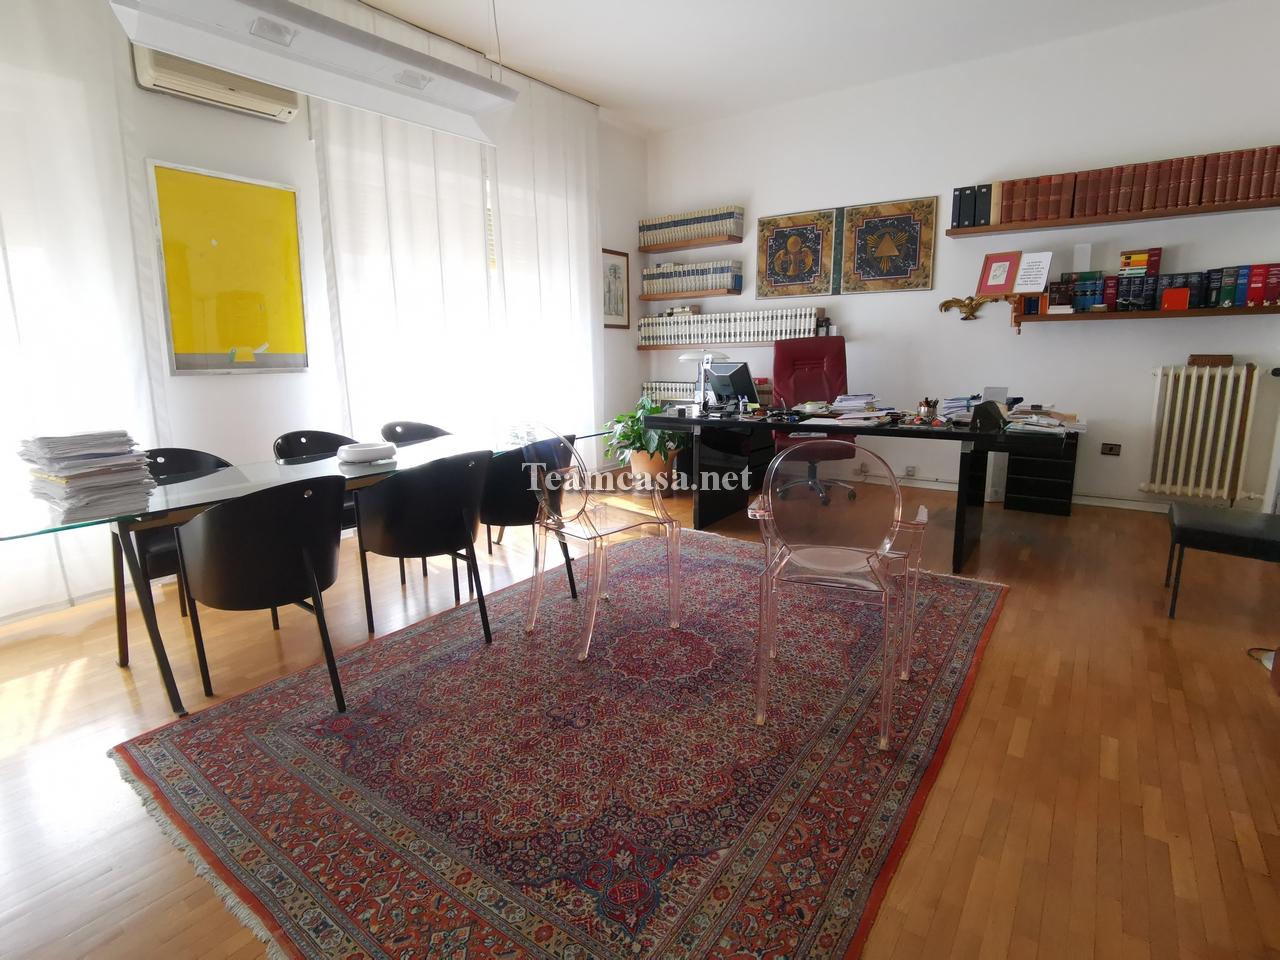 Ufficio 5 locali in vendita a Pesaro (PU)